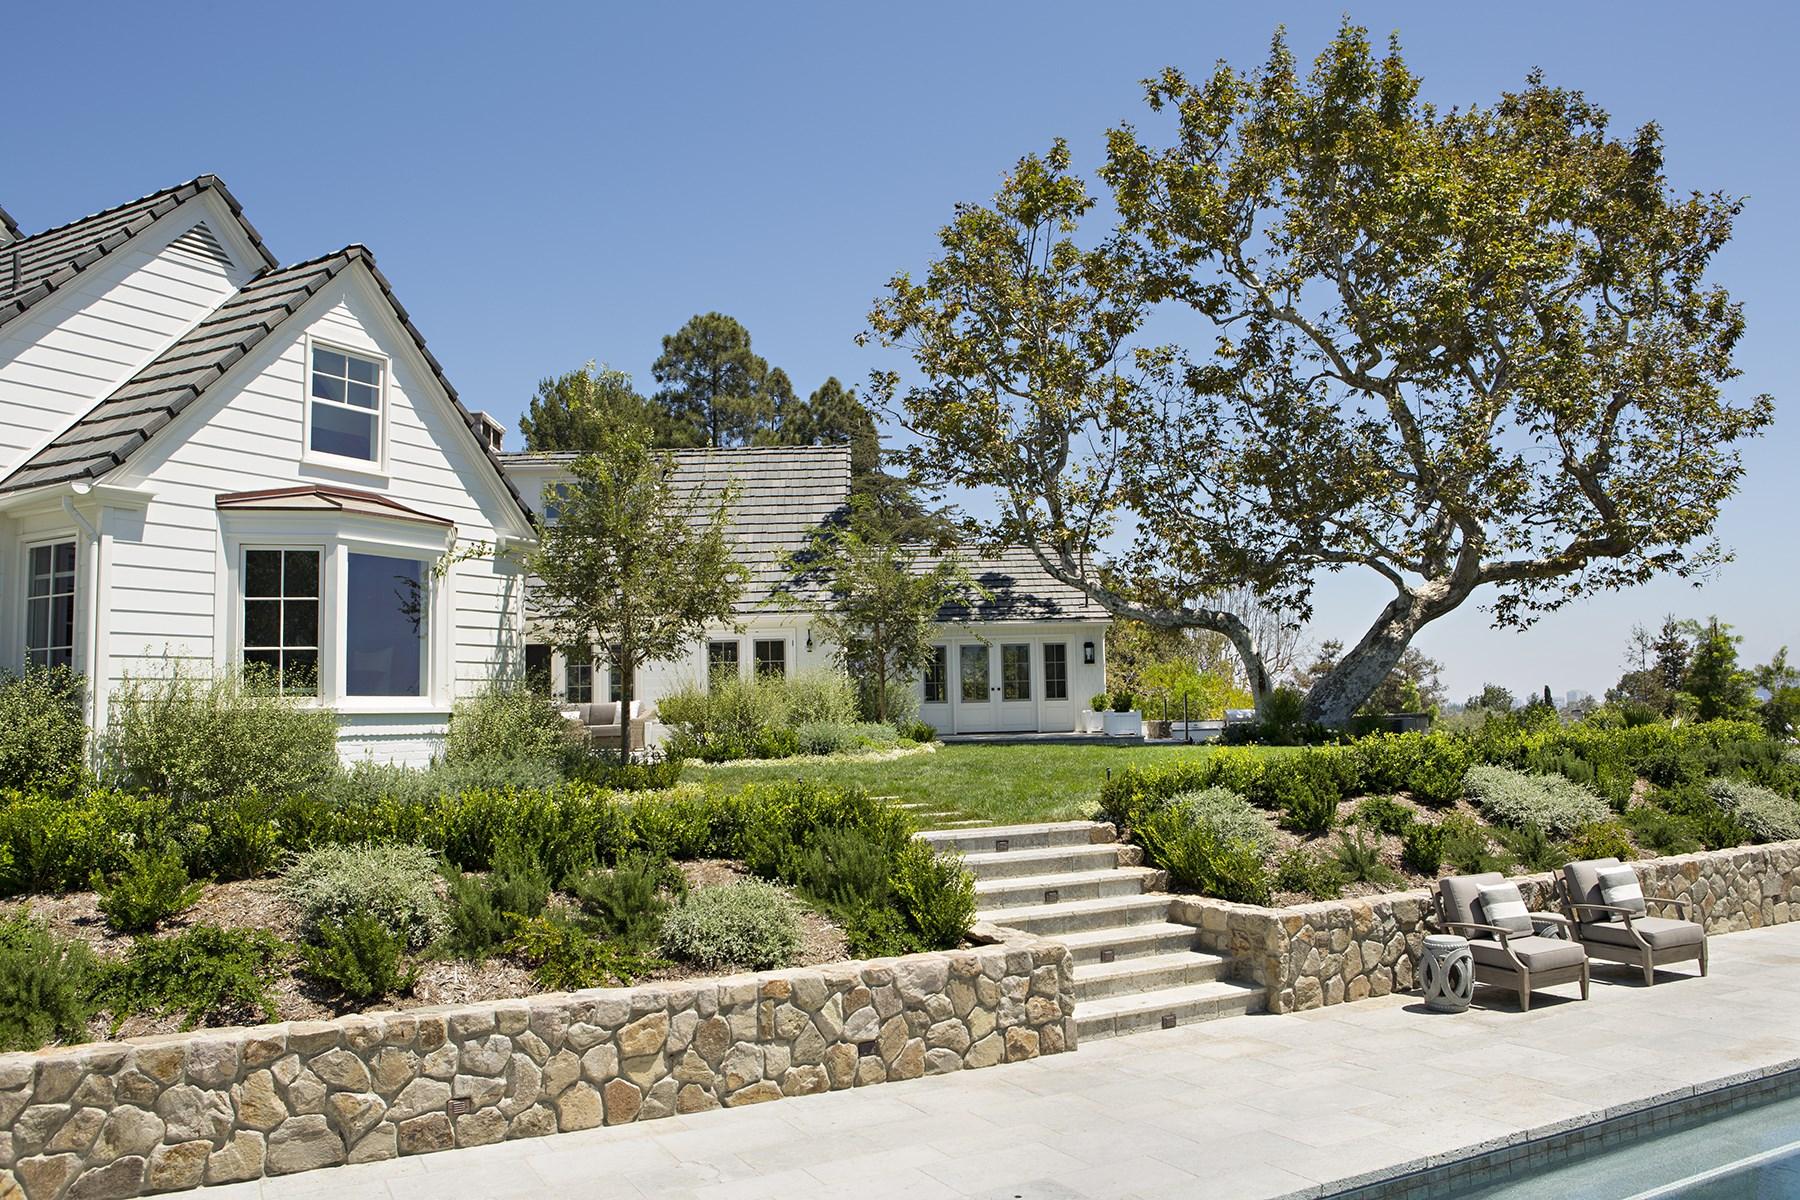 Частный односемейный дом для того Продажа на Custom One-Acre Brentwood View Estate 347 Fordyce Road Los Angeles, Калифорния 90049 Соединенные Штаты